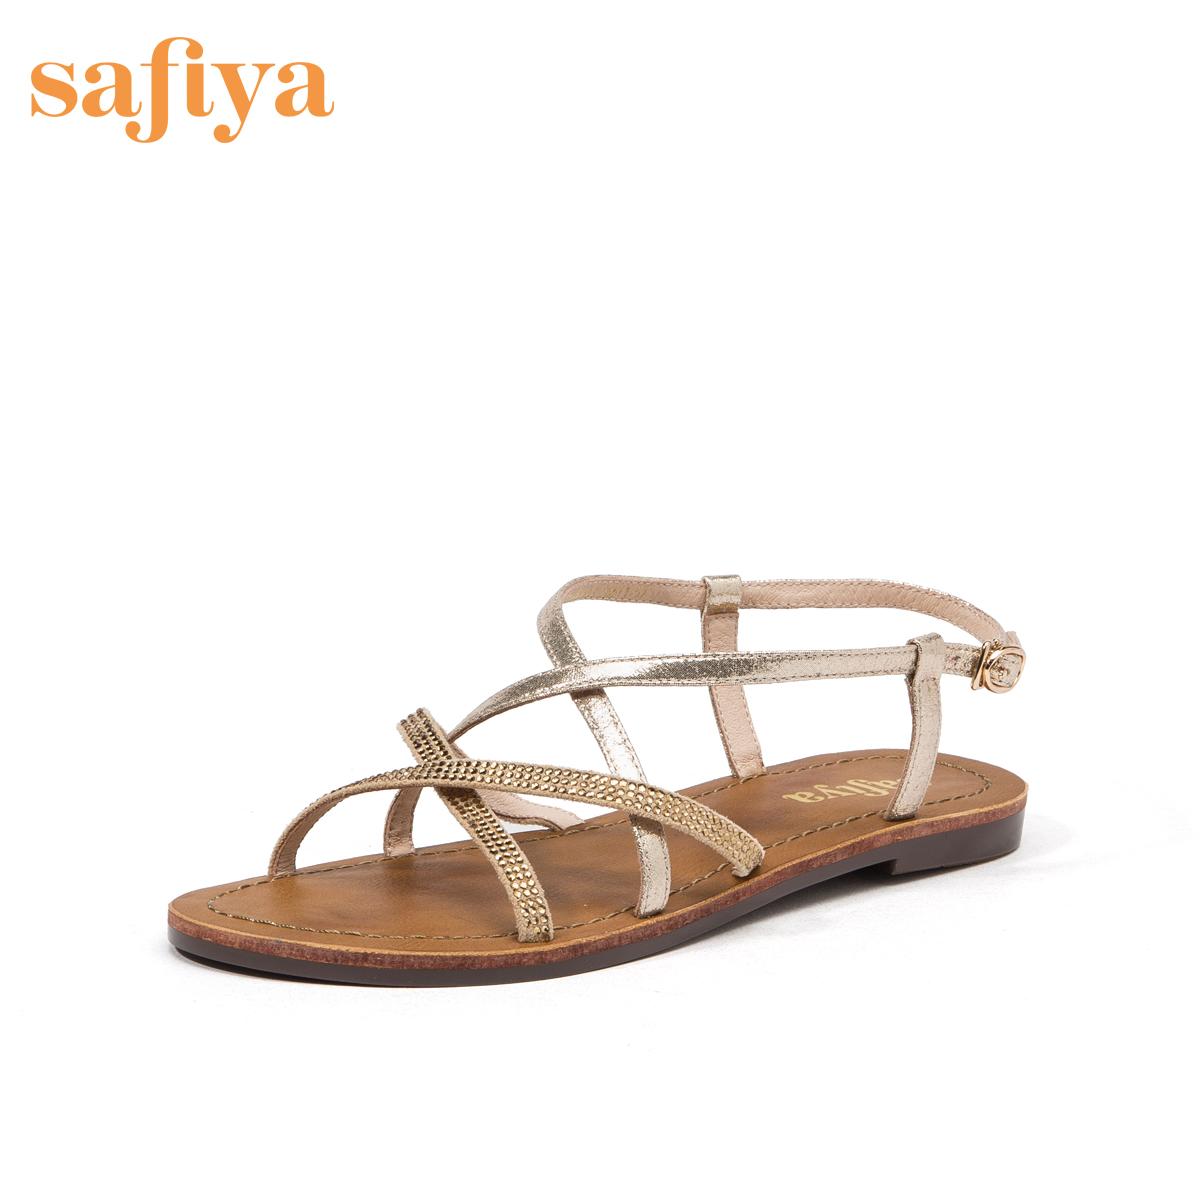 safiya /索菲娅2019春夏新款凉鞋满739.00元可用520元优惠券